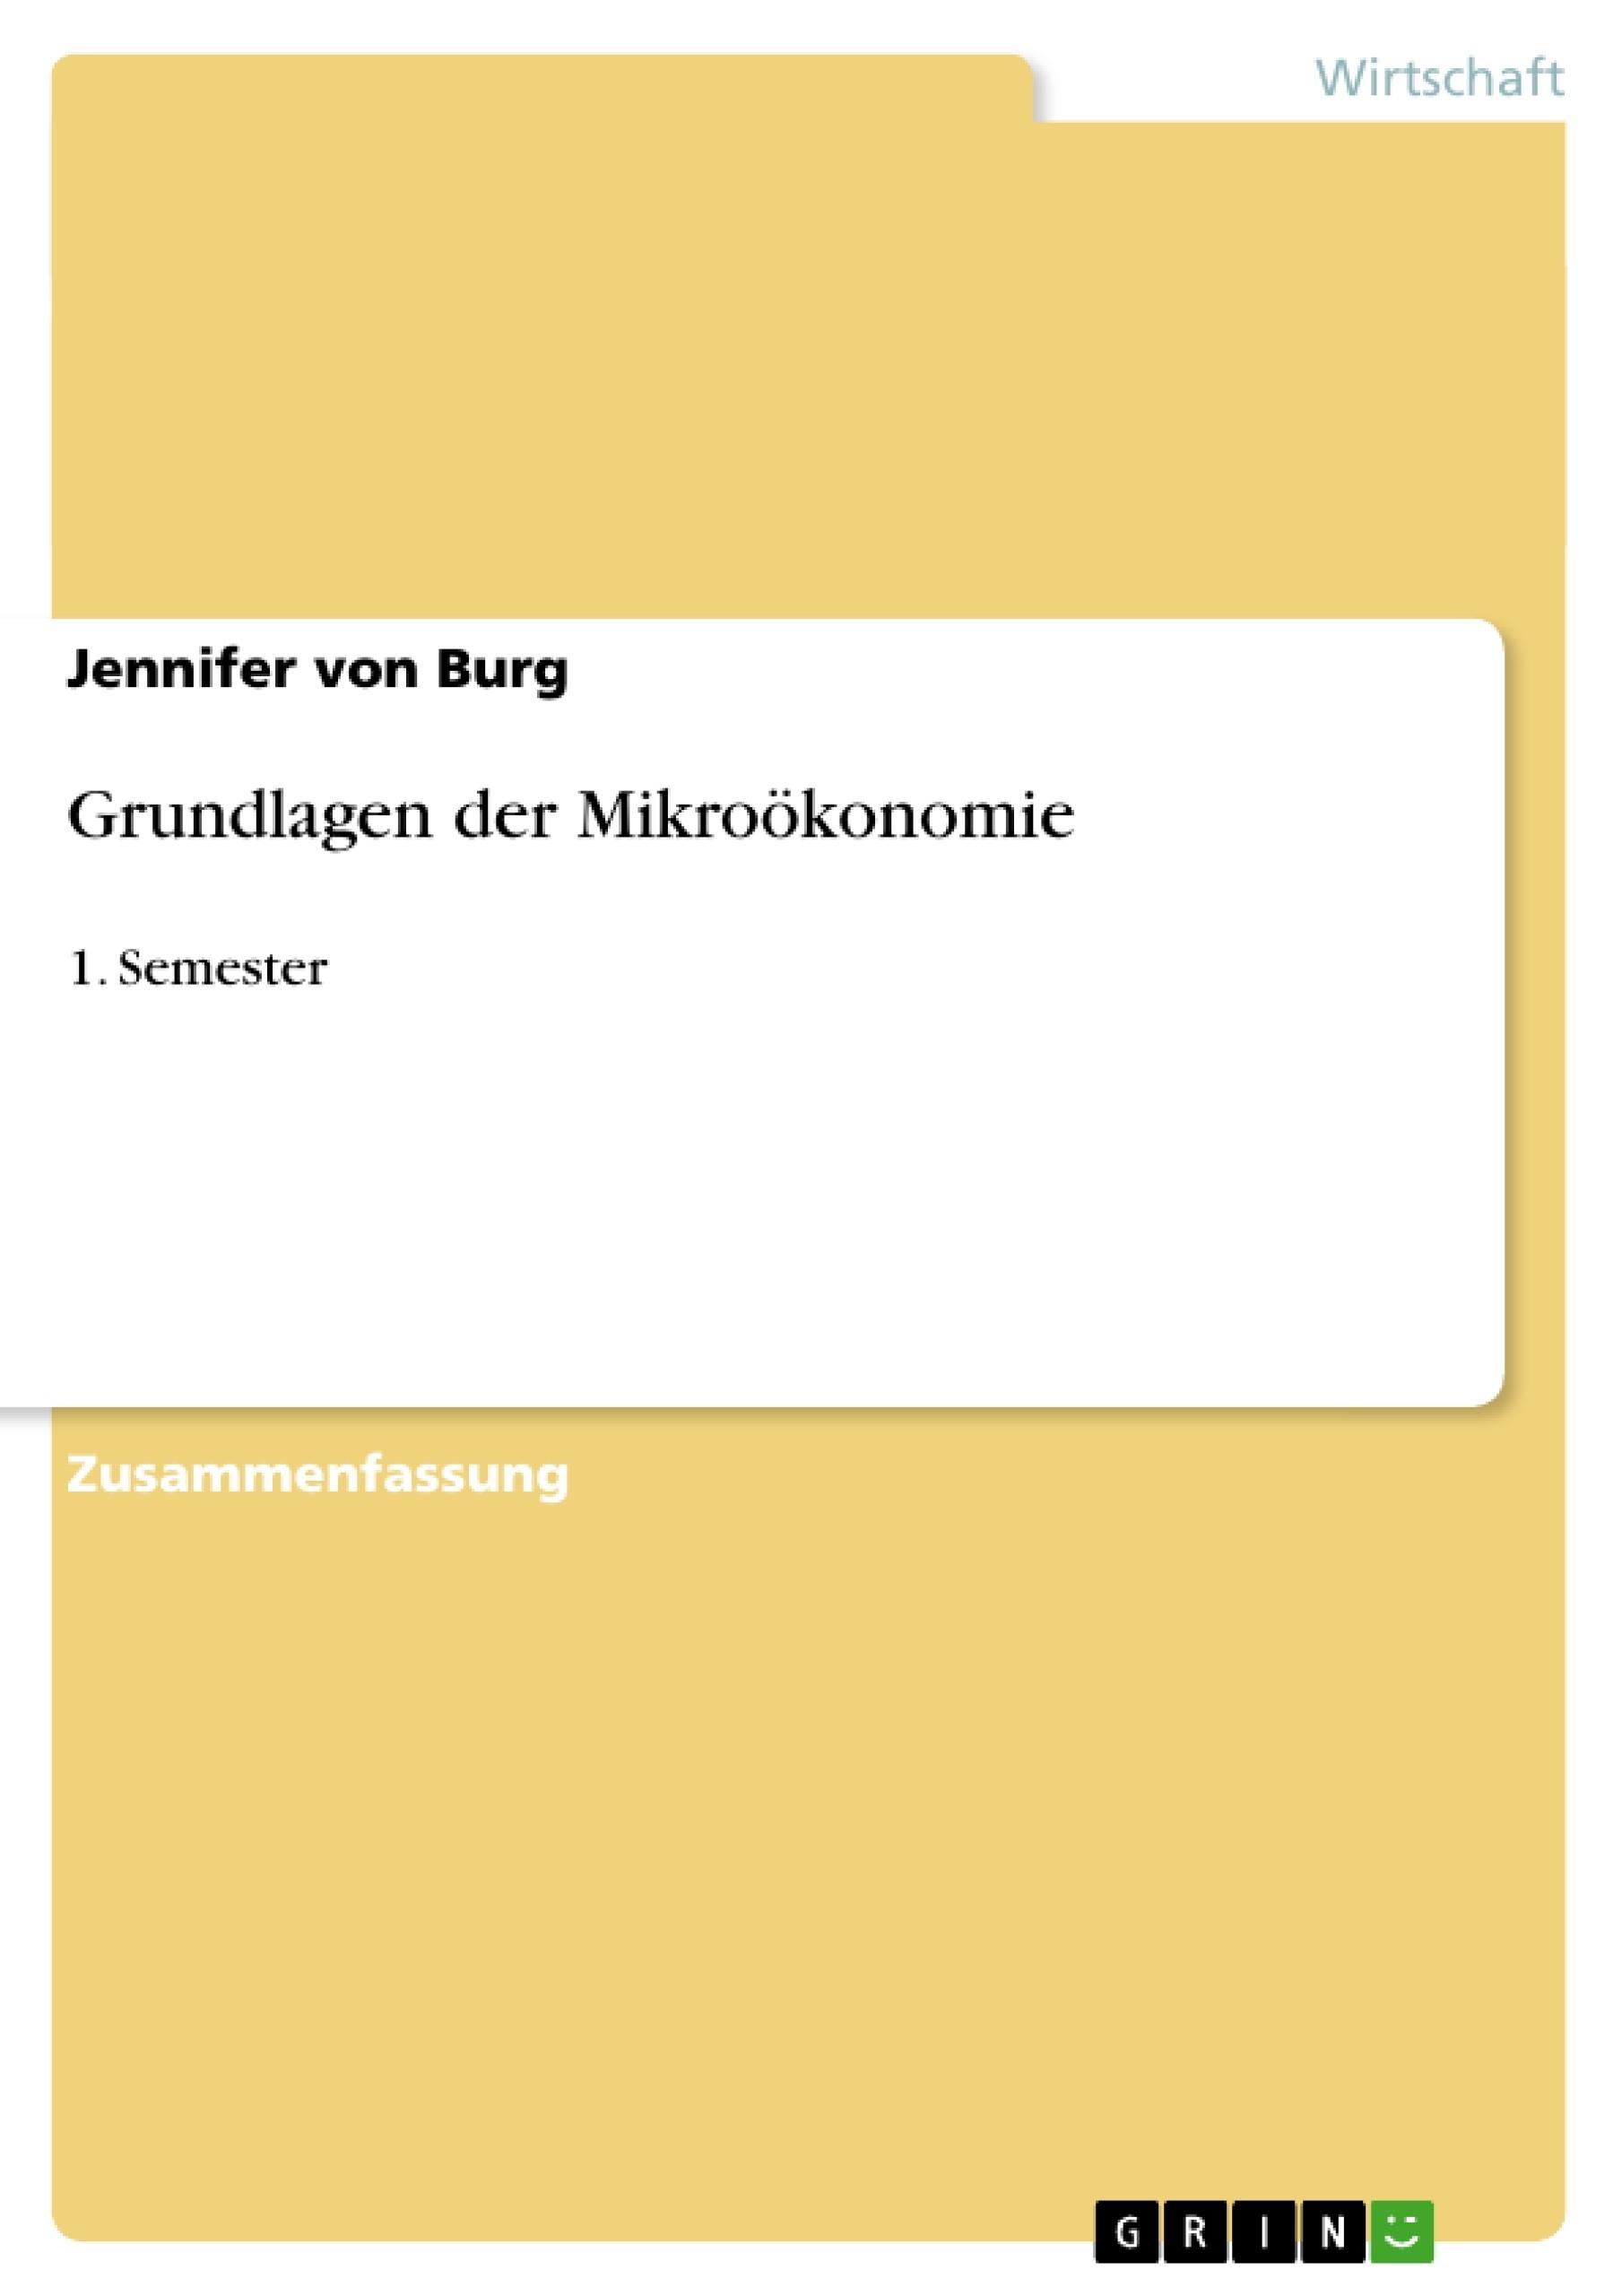 Titel: Grundlagen der Mikroökonomie